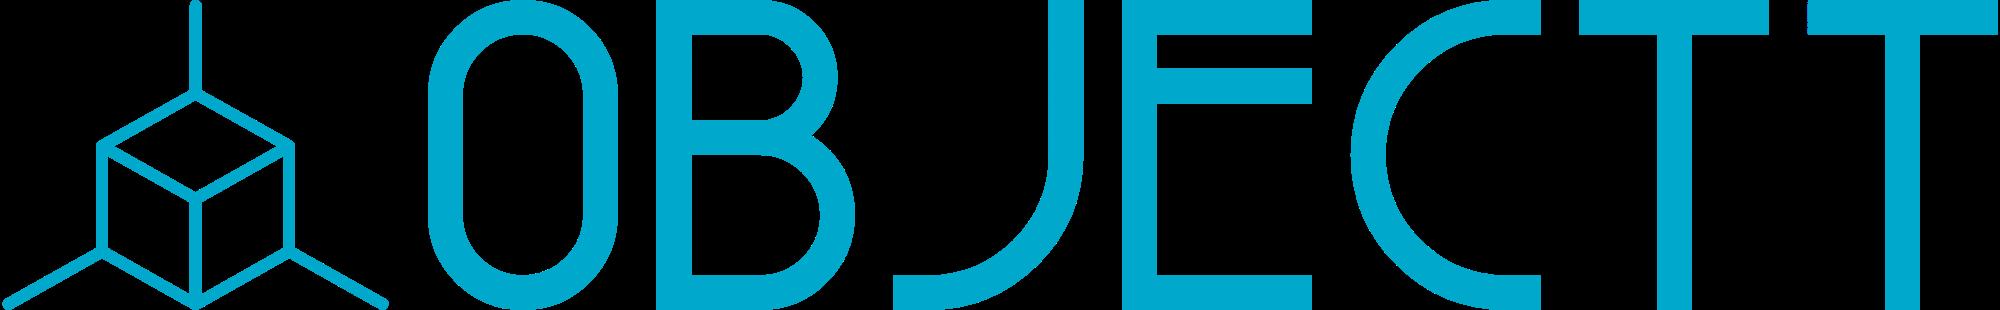 Objectt logo